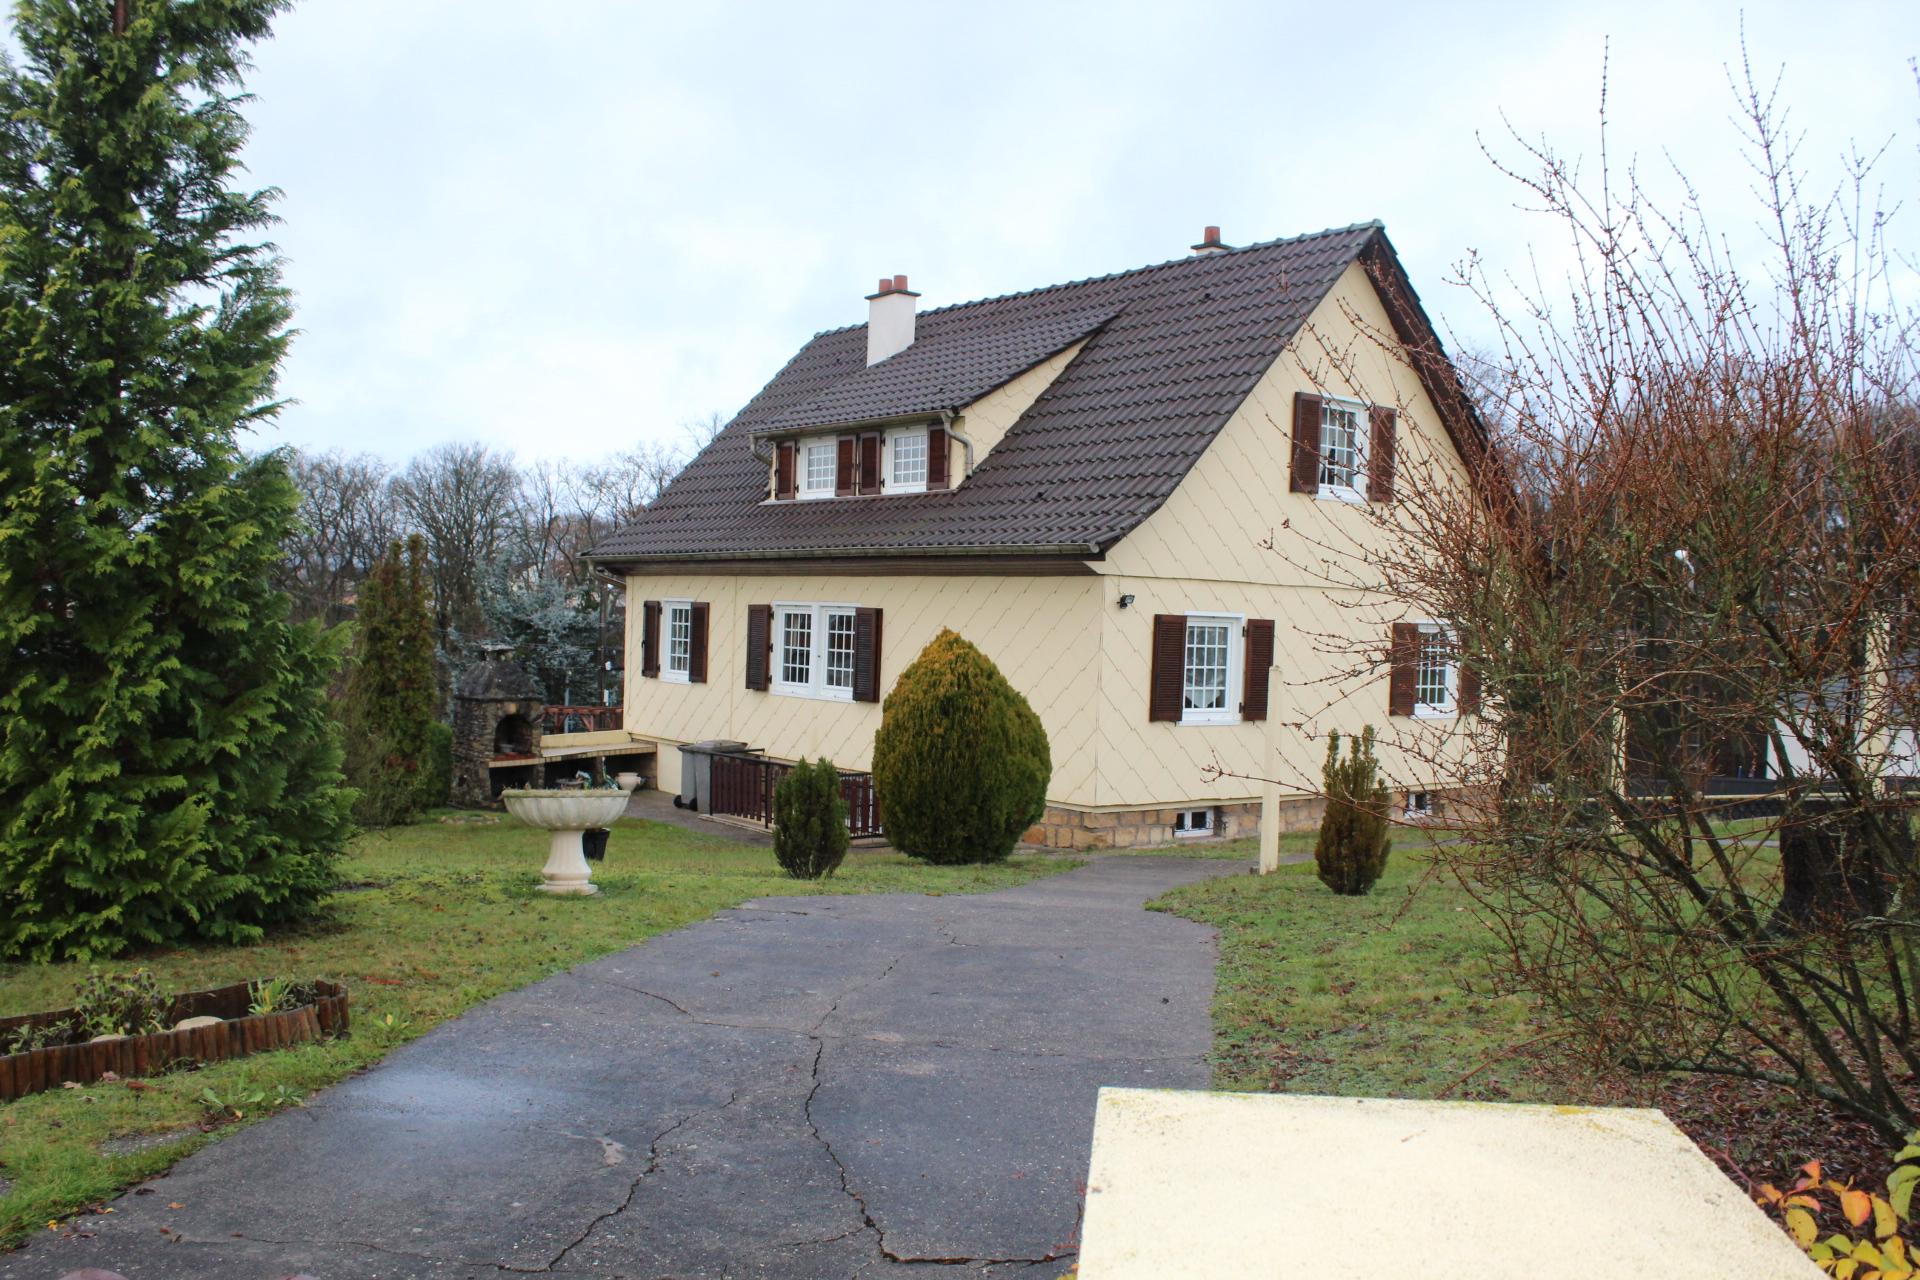 Vente maison individuelle creutzwald for Vente maison individuelle 06